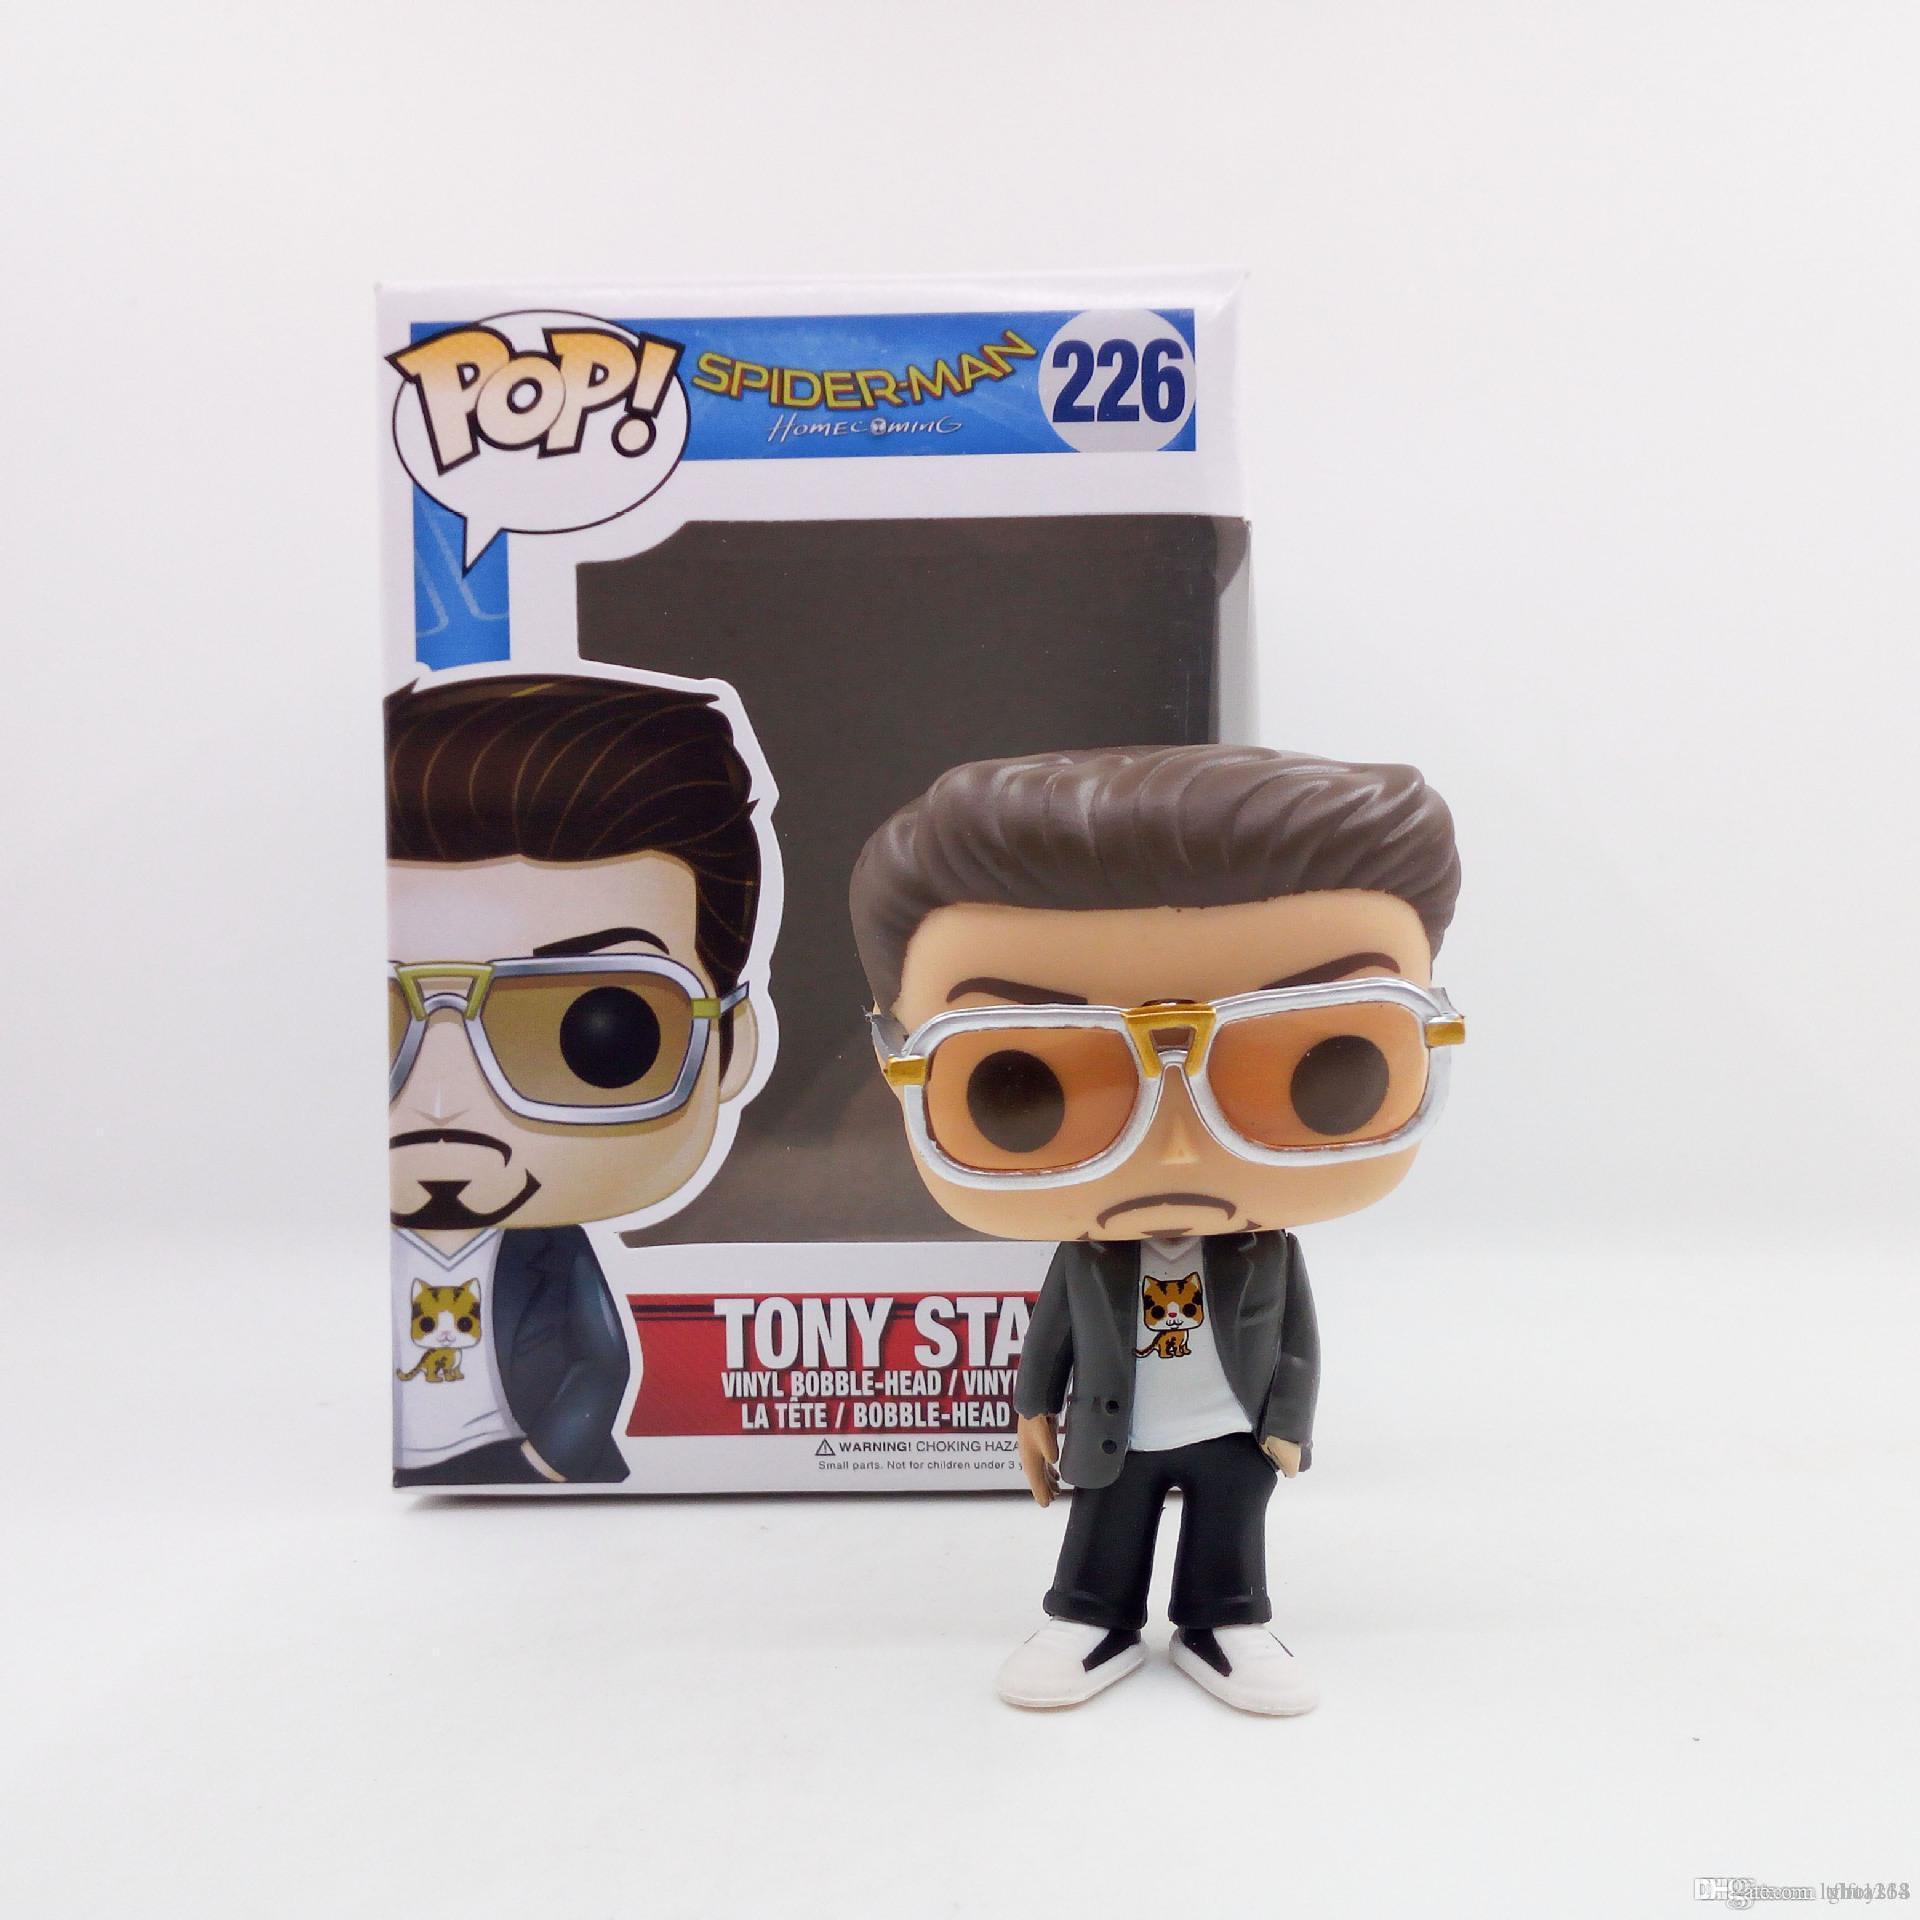 Kutu Oyuncak Hediye # 226 oyuncak LXH Yepyeni lowprice Çok güzel Funko POP Örümcek Adam Eve Dönüş Tony Stark Vinil Eylem Şekil